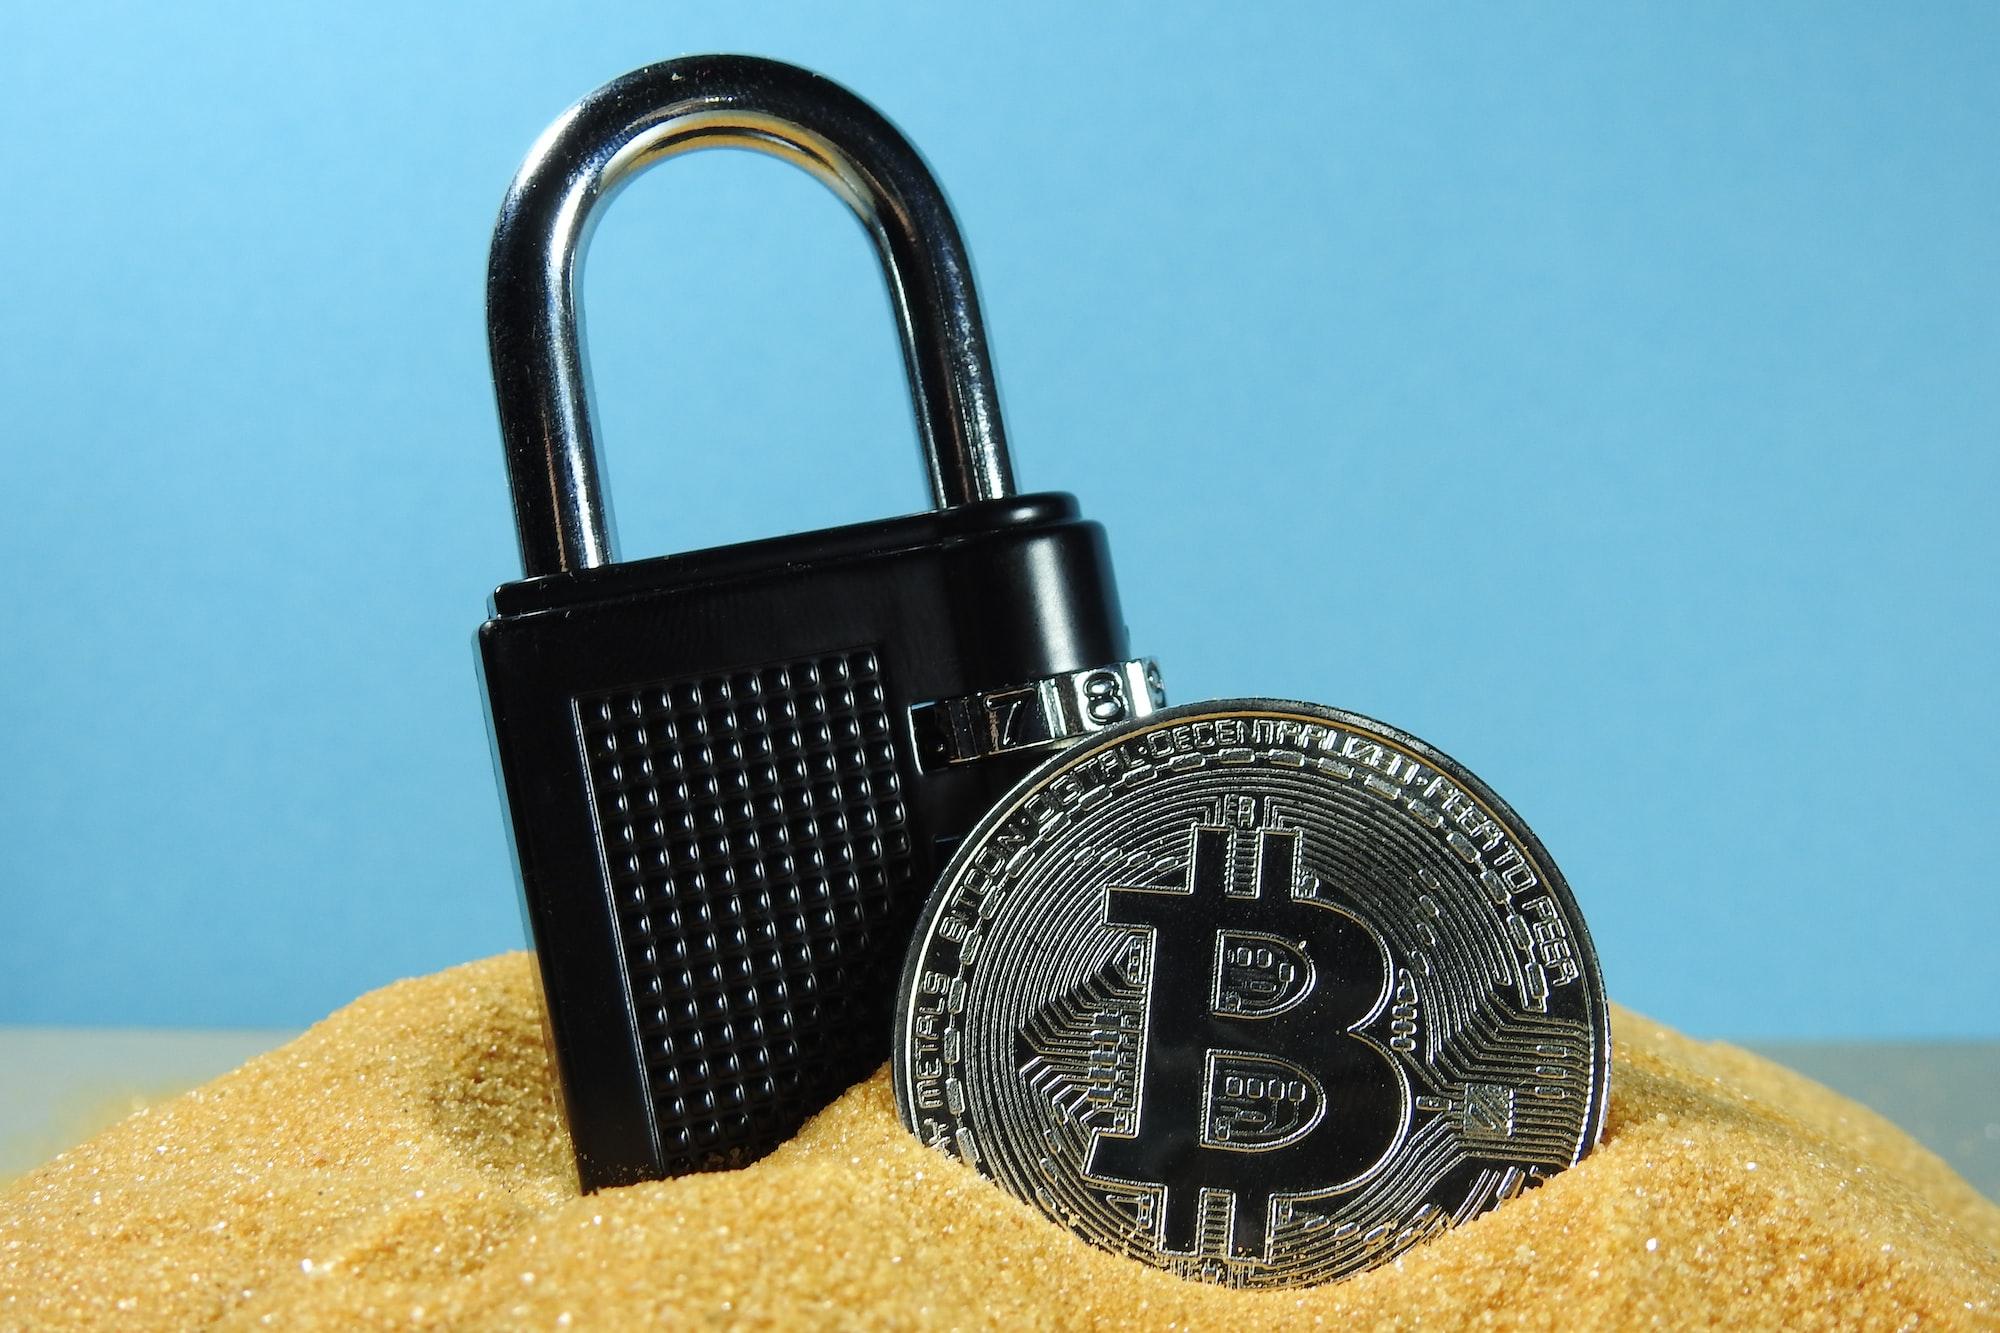 Bitcoin ยังมีอุปสรรคสำคัญที่จะทำให้องค์กรต่าง ๆ หันมายอมรับ